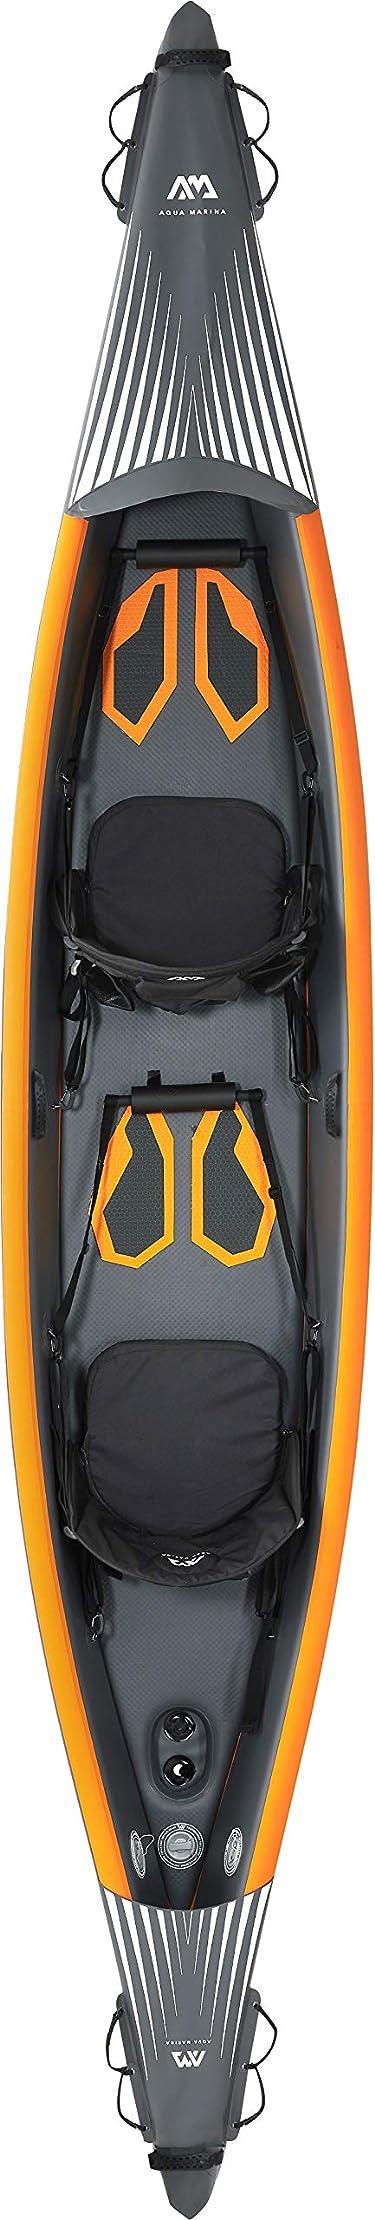 Kayak aquamarina 2 posti tomahawk air-440 AIR-K440